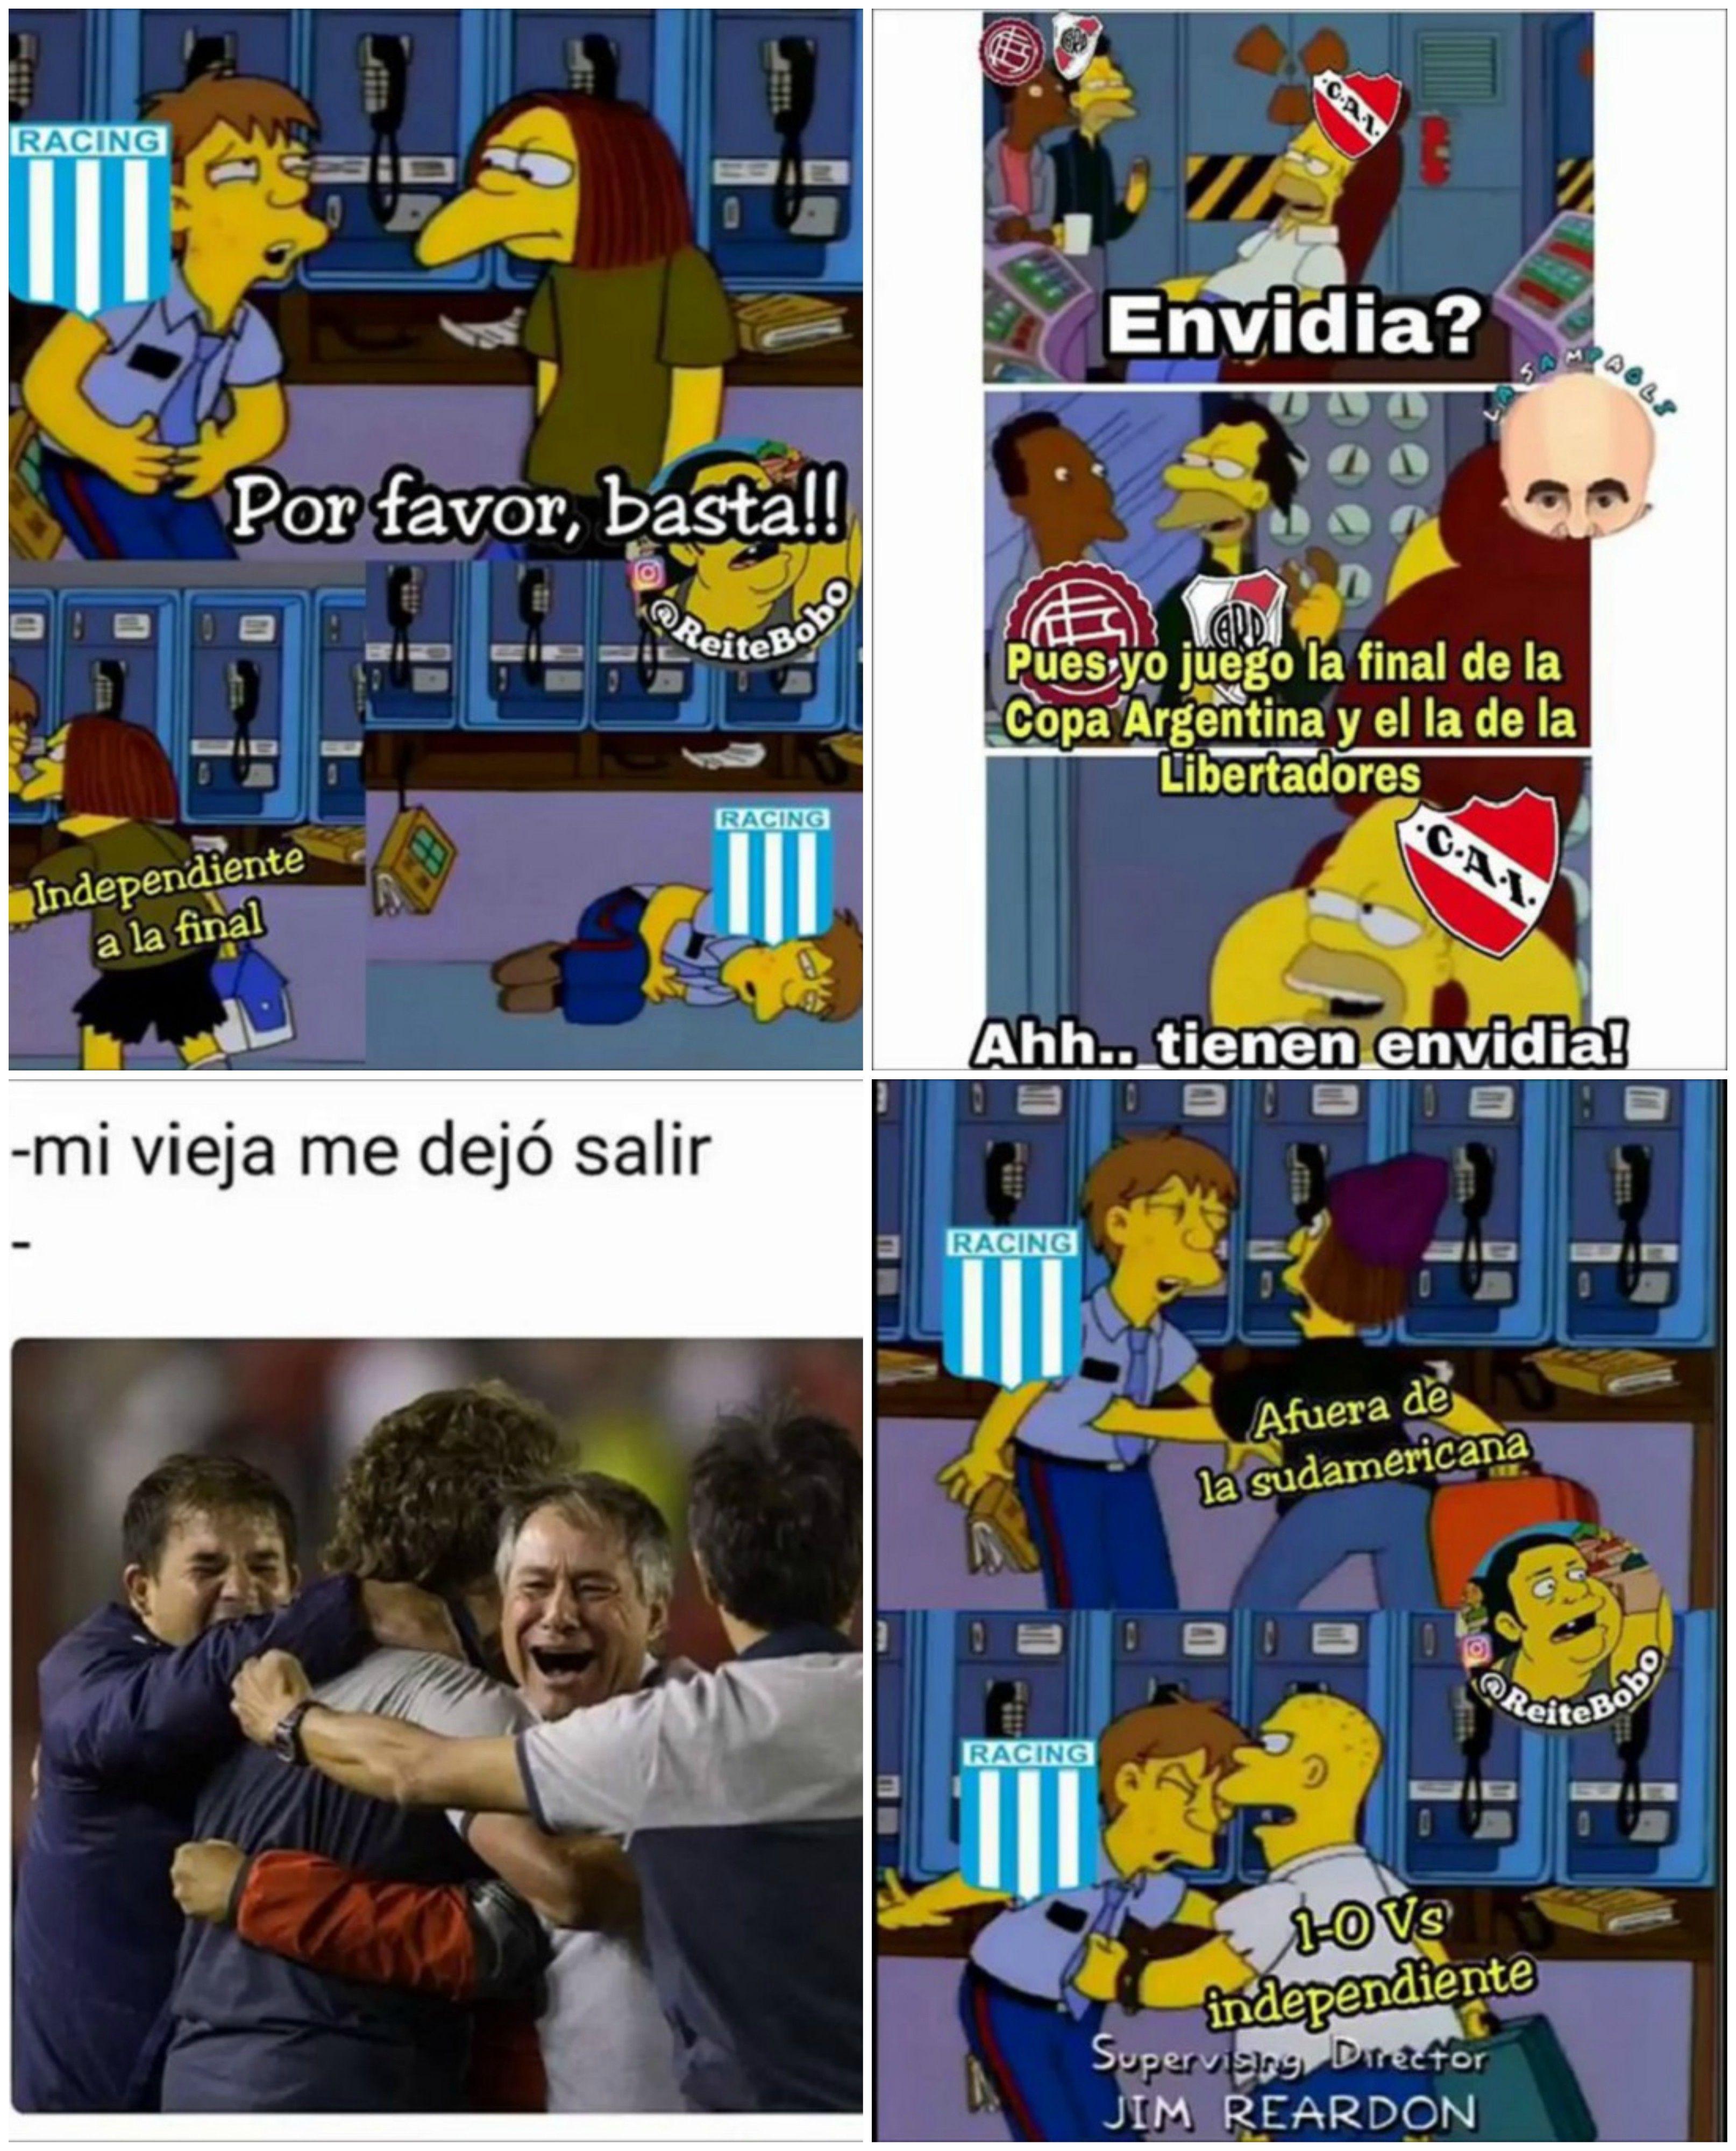 Memes de Independiente finalista